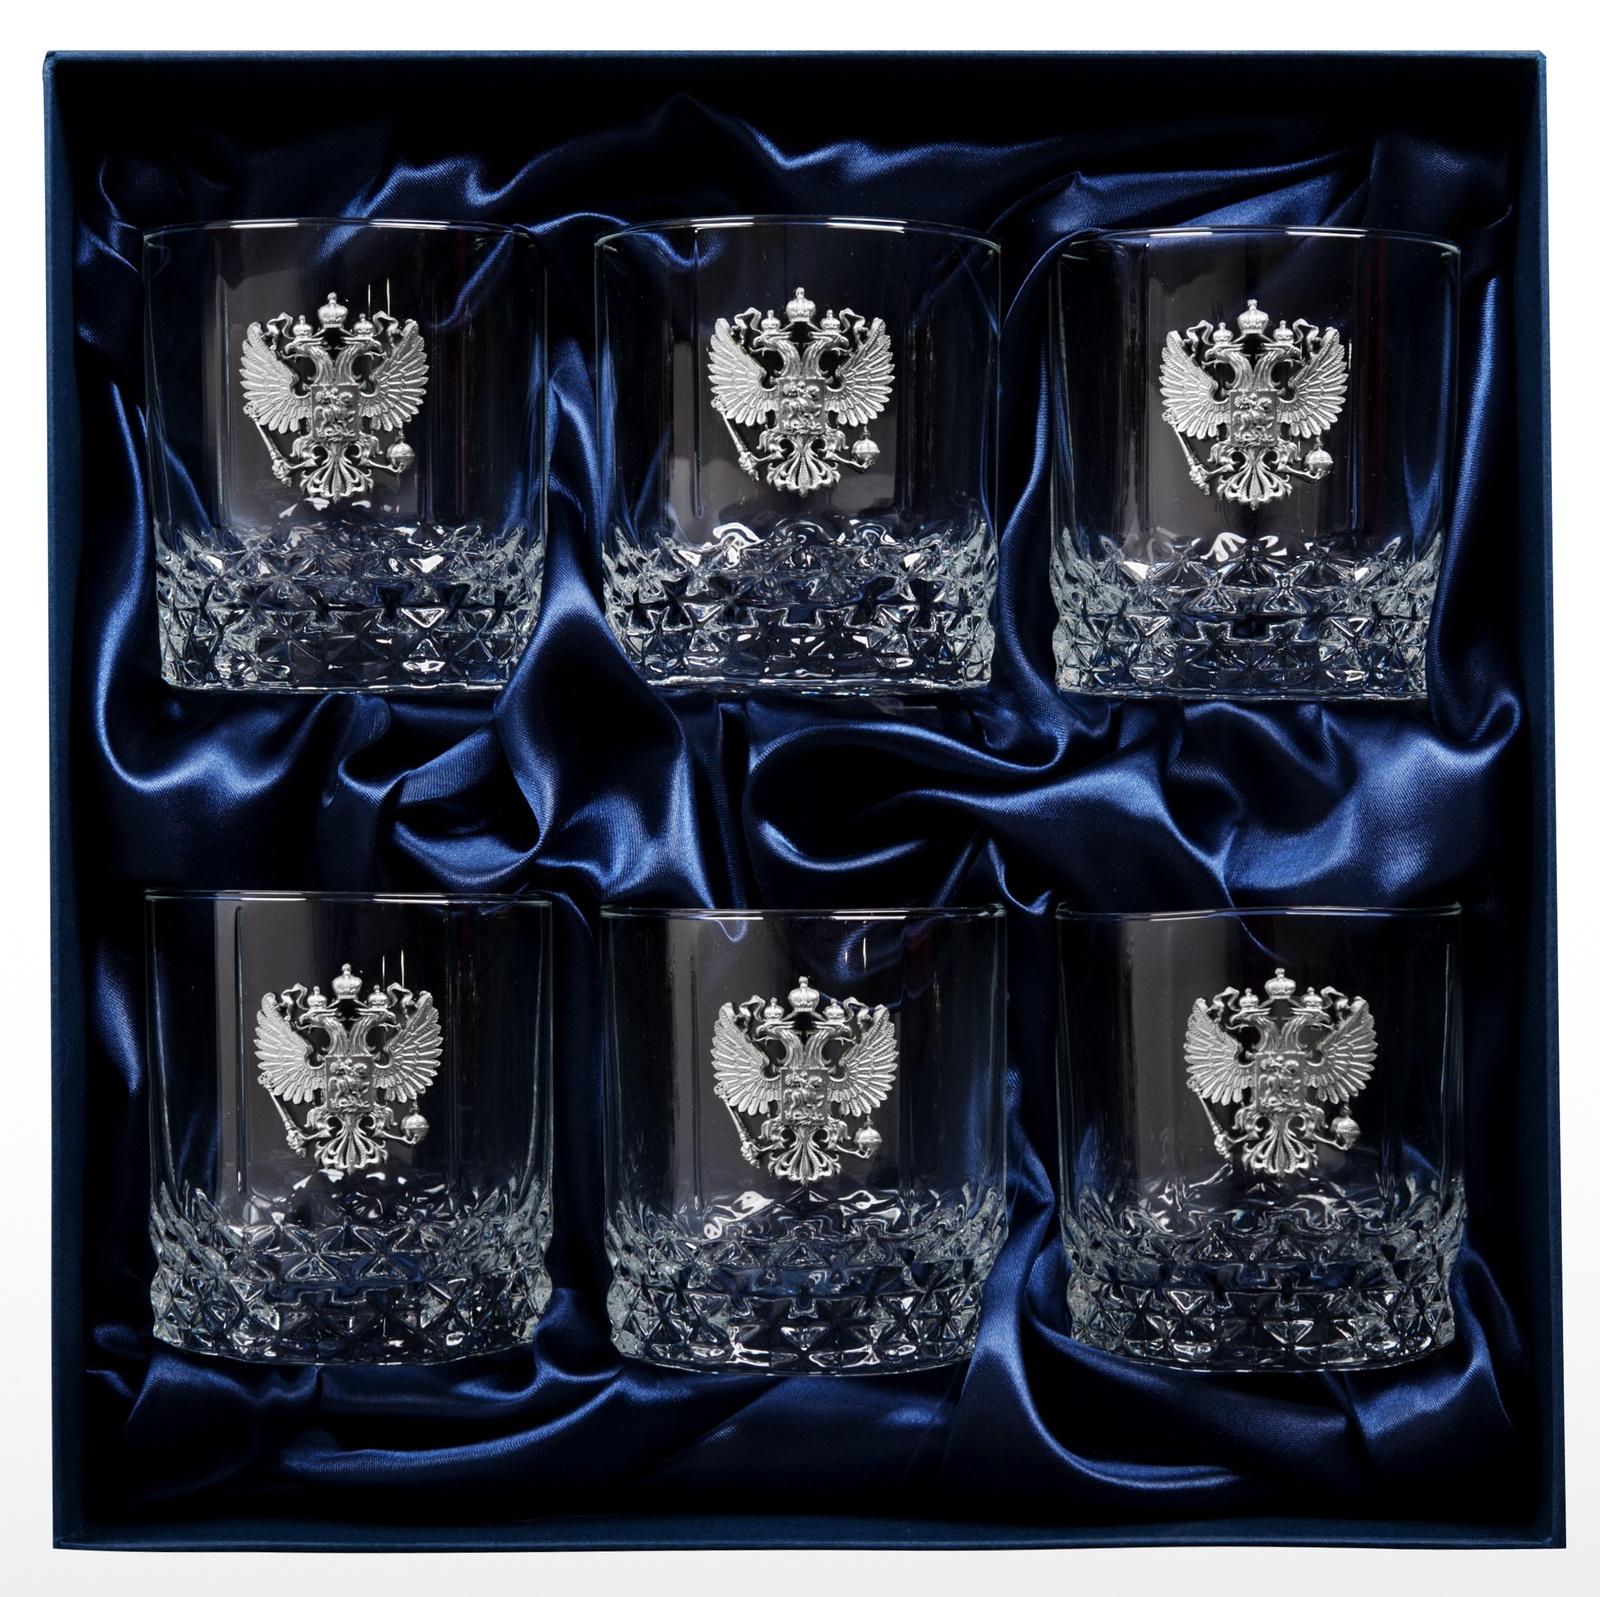 Сувенирный набор Стаканы для виски, Олово коллекционный сувенирный набор стаканов для виски герб россии